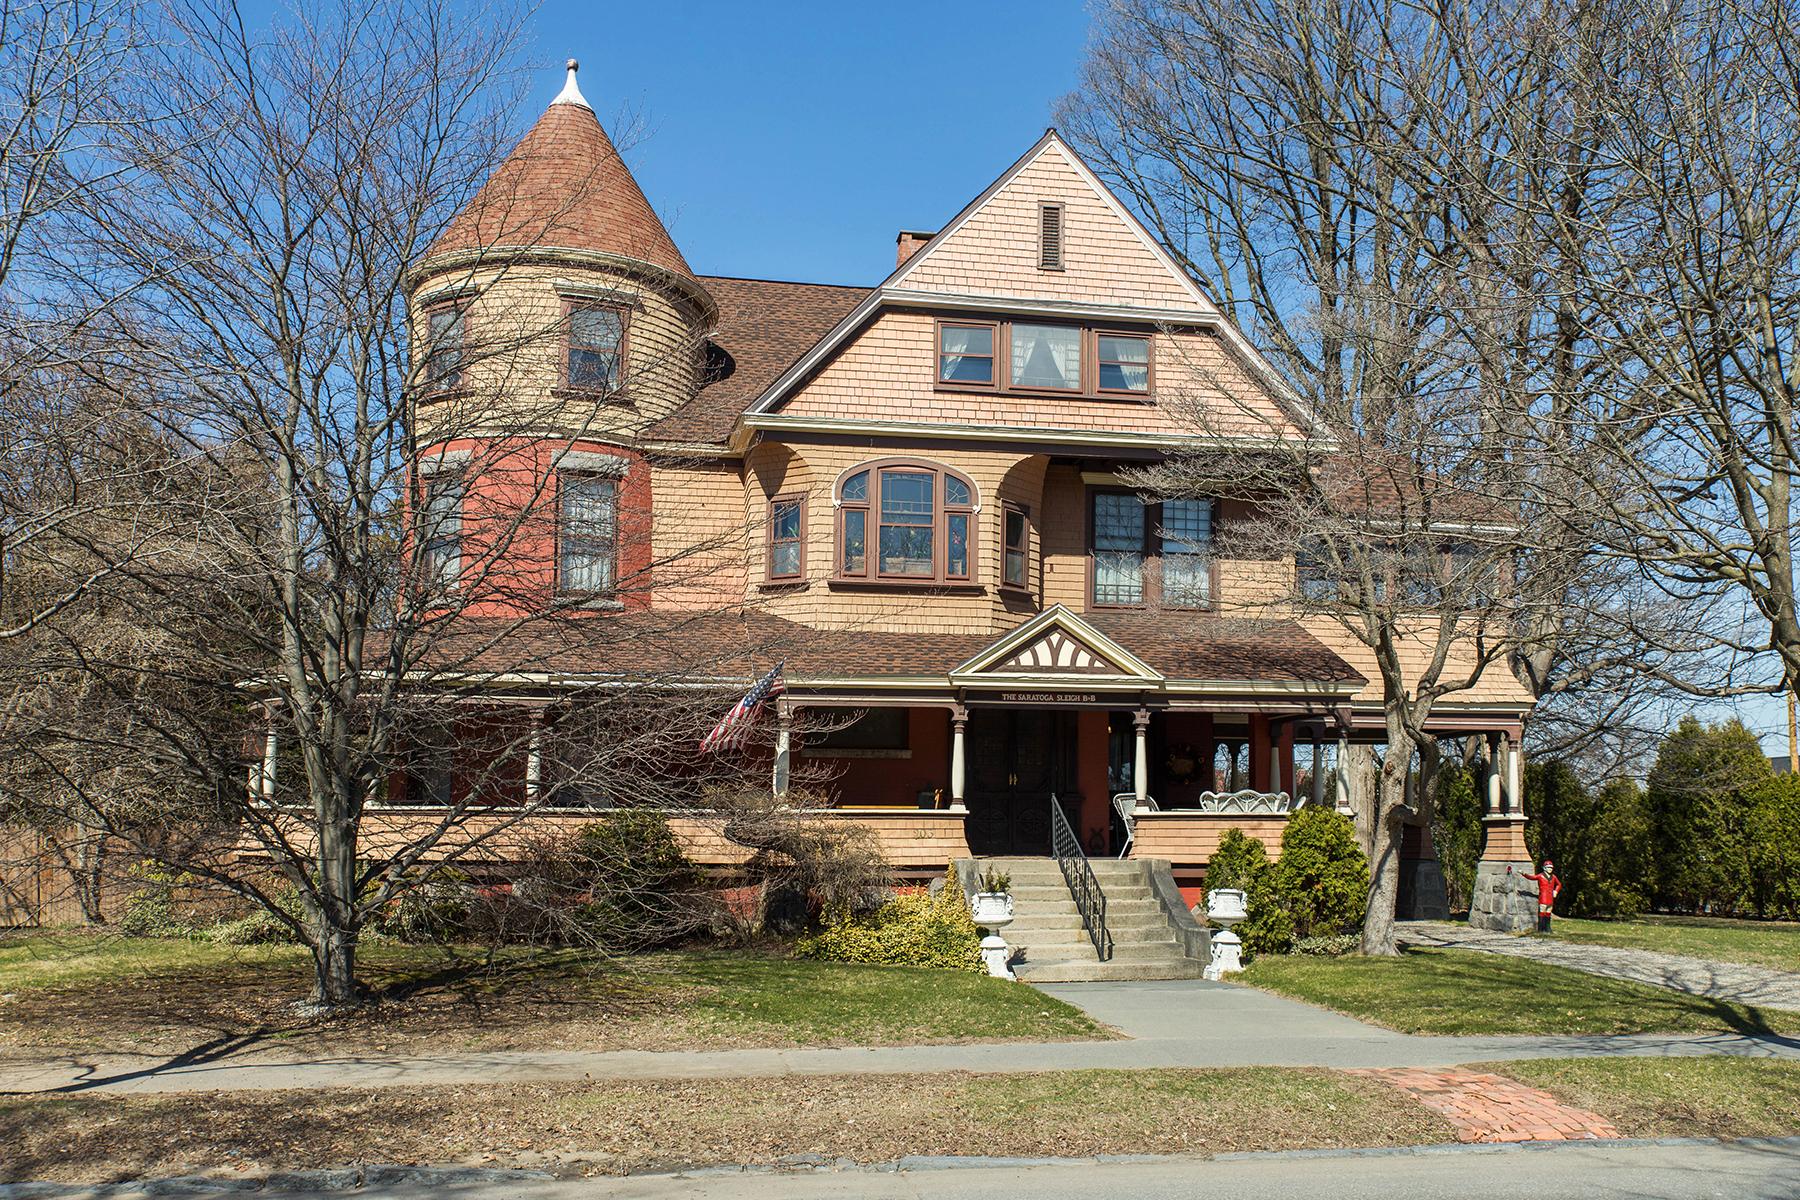 一戸建て のために 売買 アット Exquisite Saratoga Trackside Victorian 203 Union Av Saratoga Springs, ニューヨーク, 12866 アメリカ合衆国